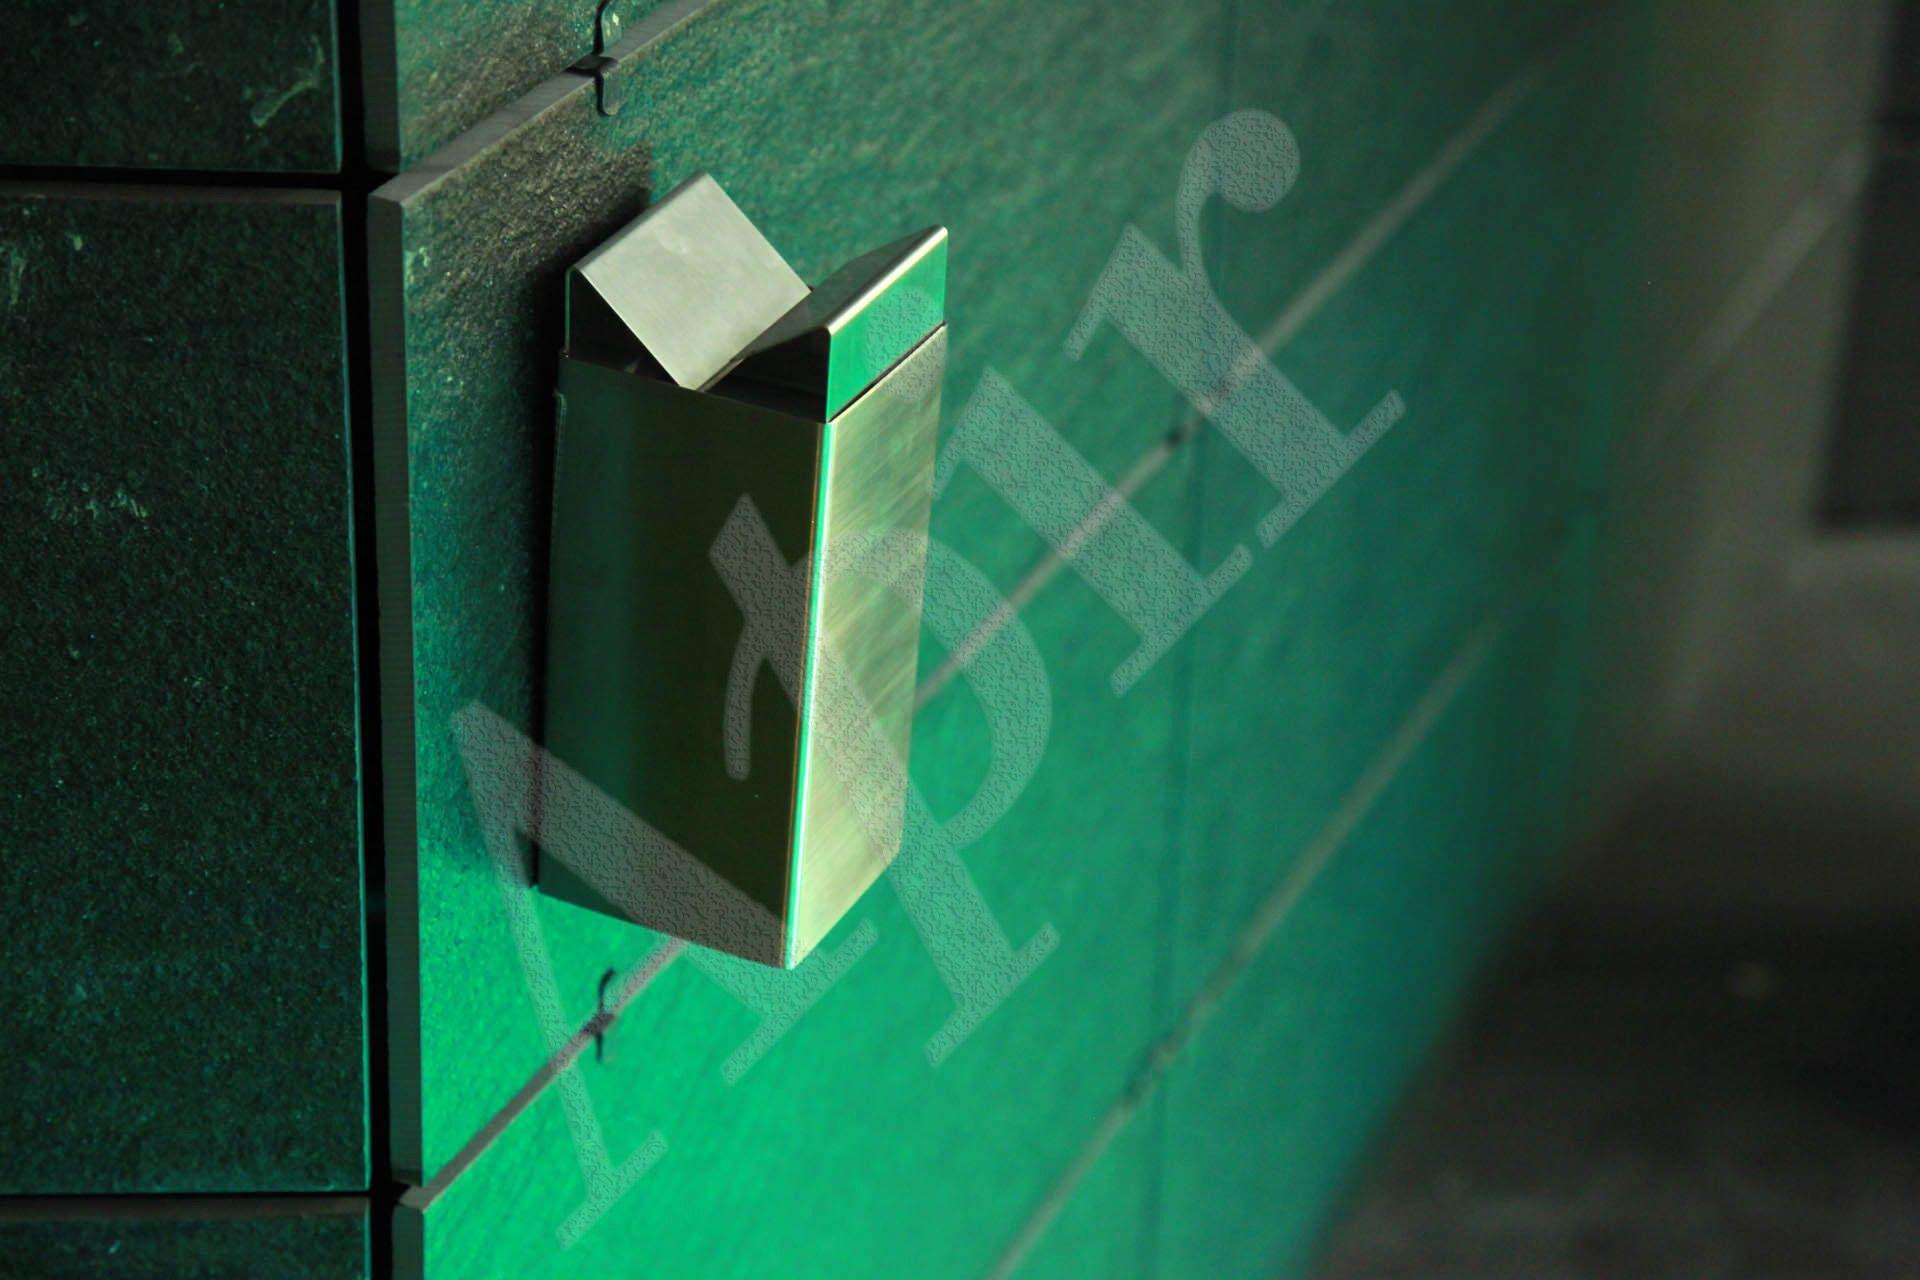 Posacenere a muro in acciaio inox.